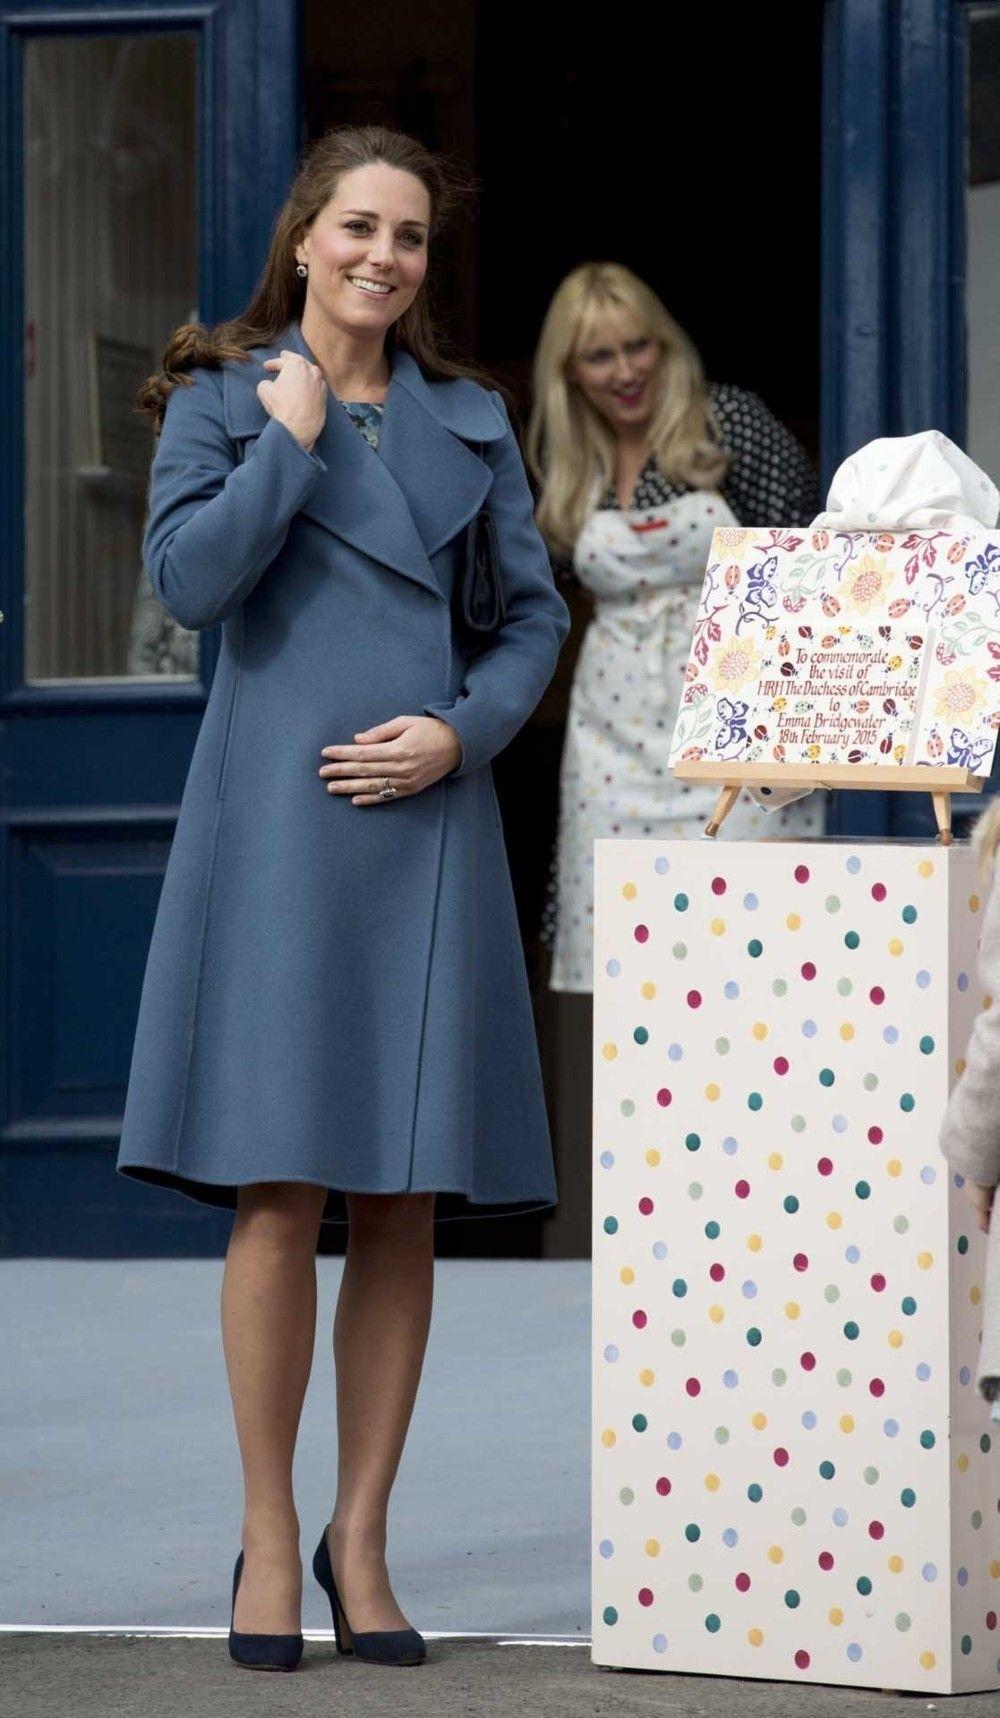 công nương kate mặc áo trench coat khi mang thai